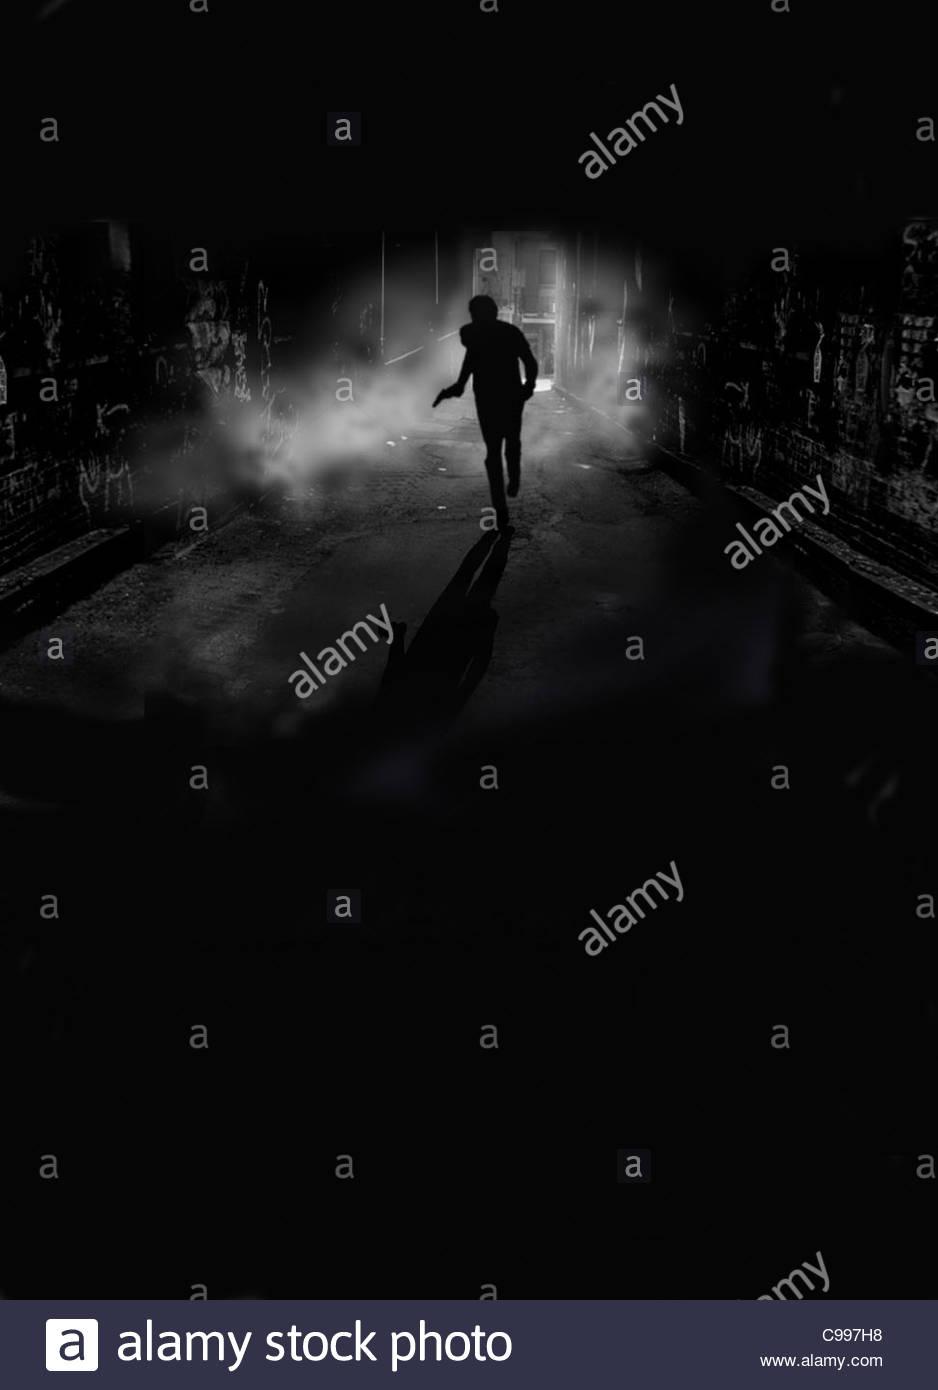 Escapar de noche oscuridad pistola hombre escapar flchten volar corta noche noche nightl Imagen De Stock